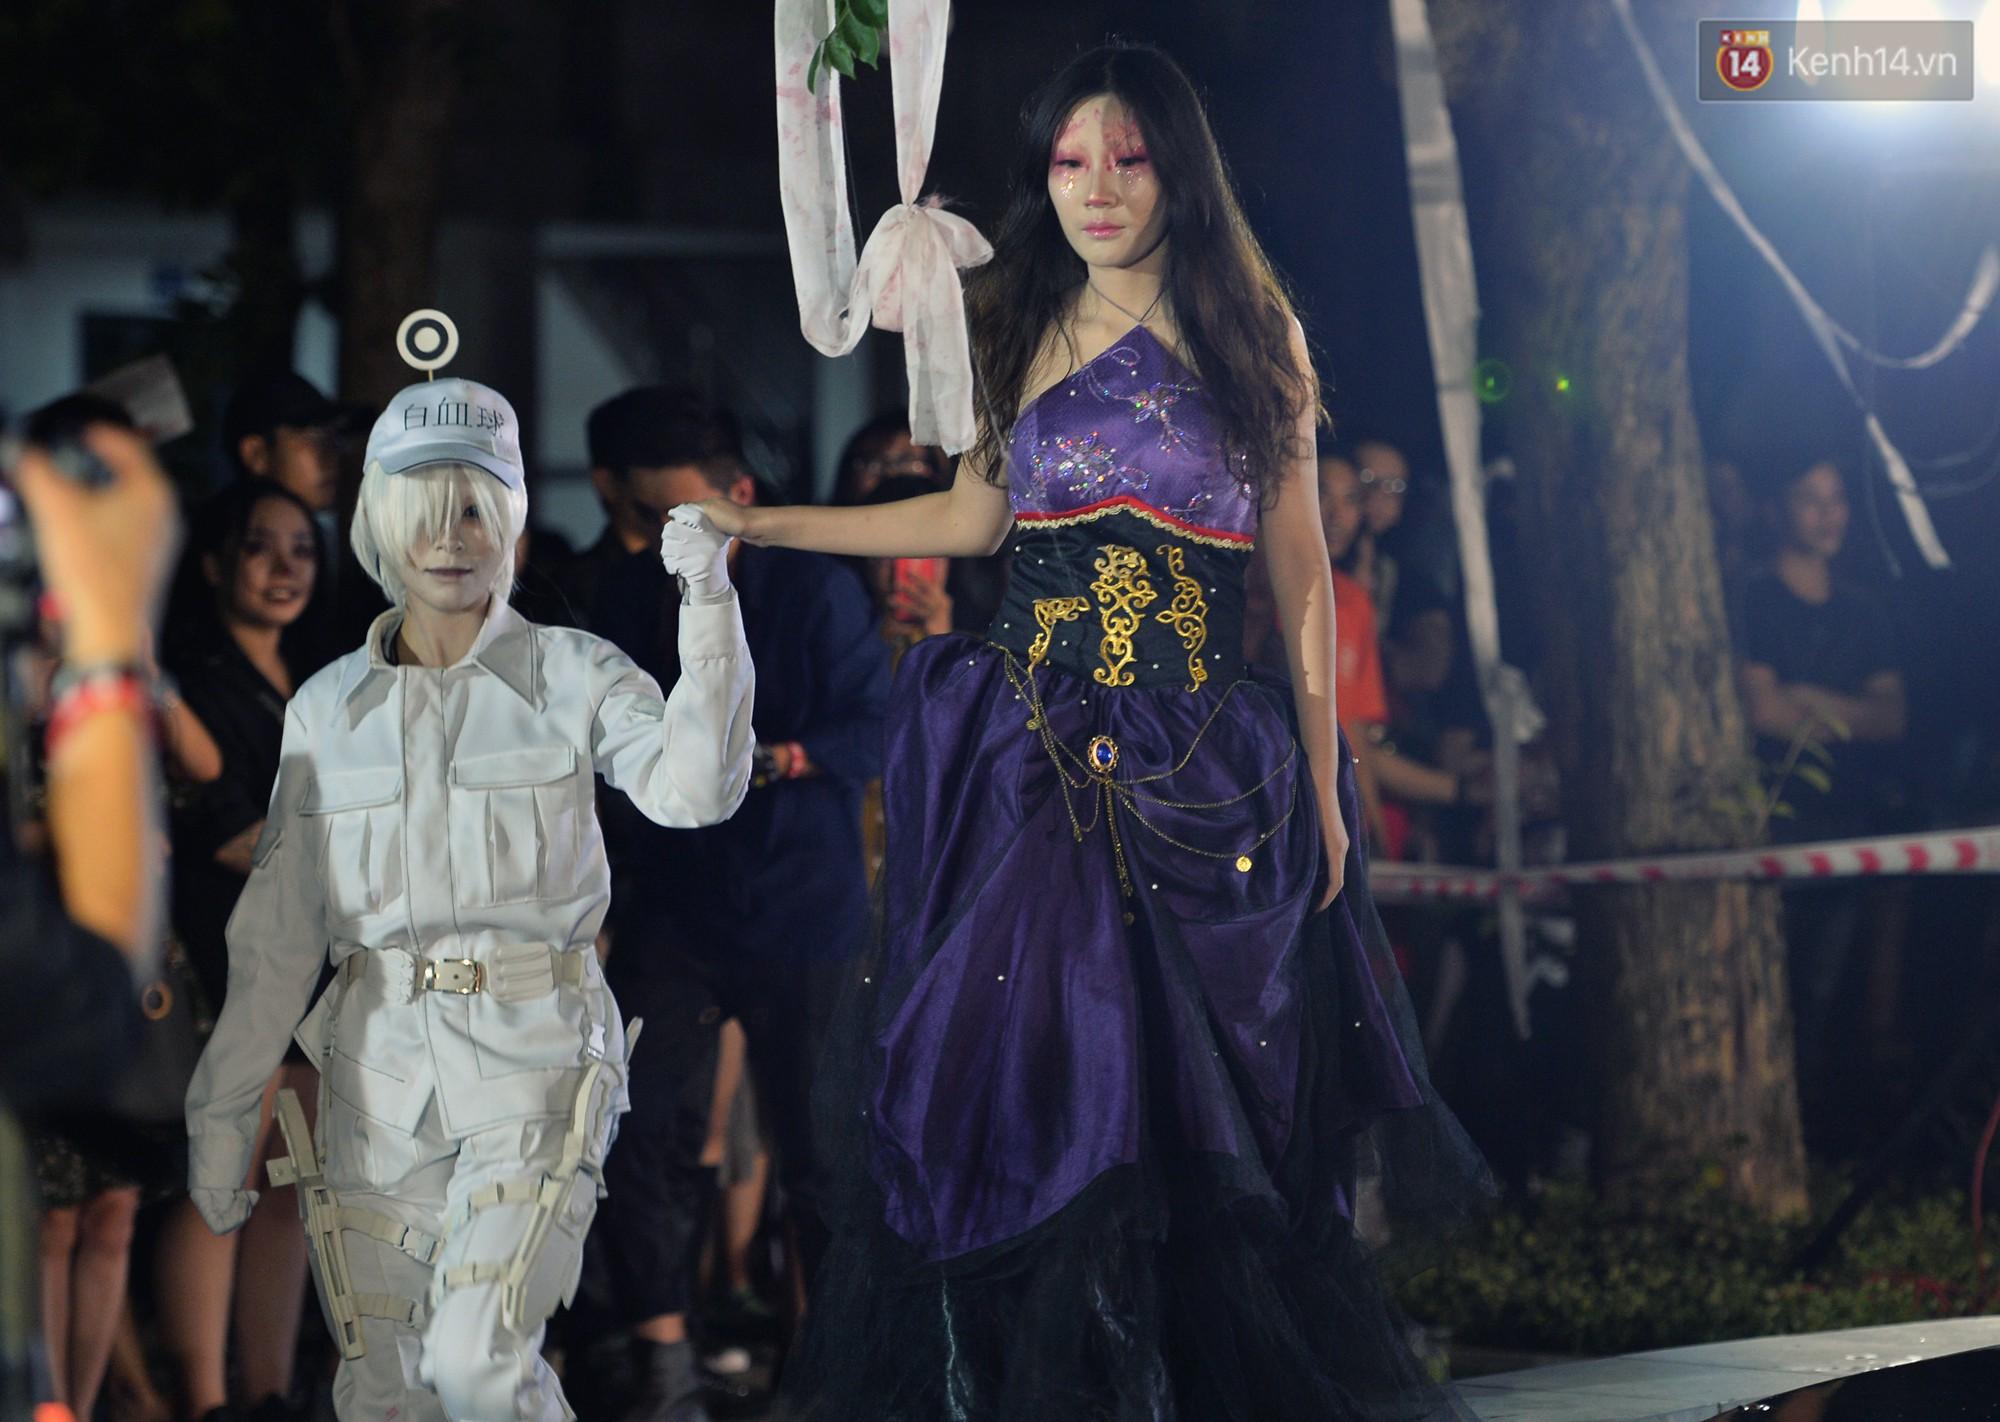 Màn hóa trang Halloween kinh dị nhất tại Đại học Mỹ Thuật Việt Nam - Ảnh 11.